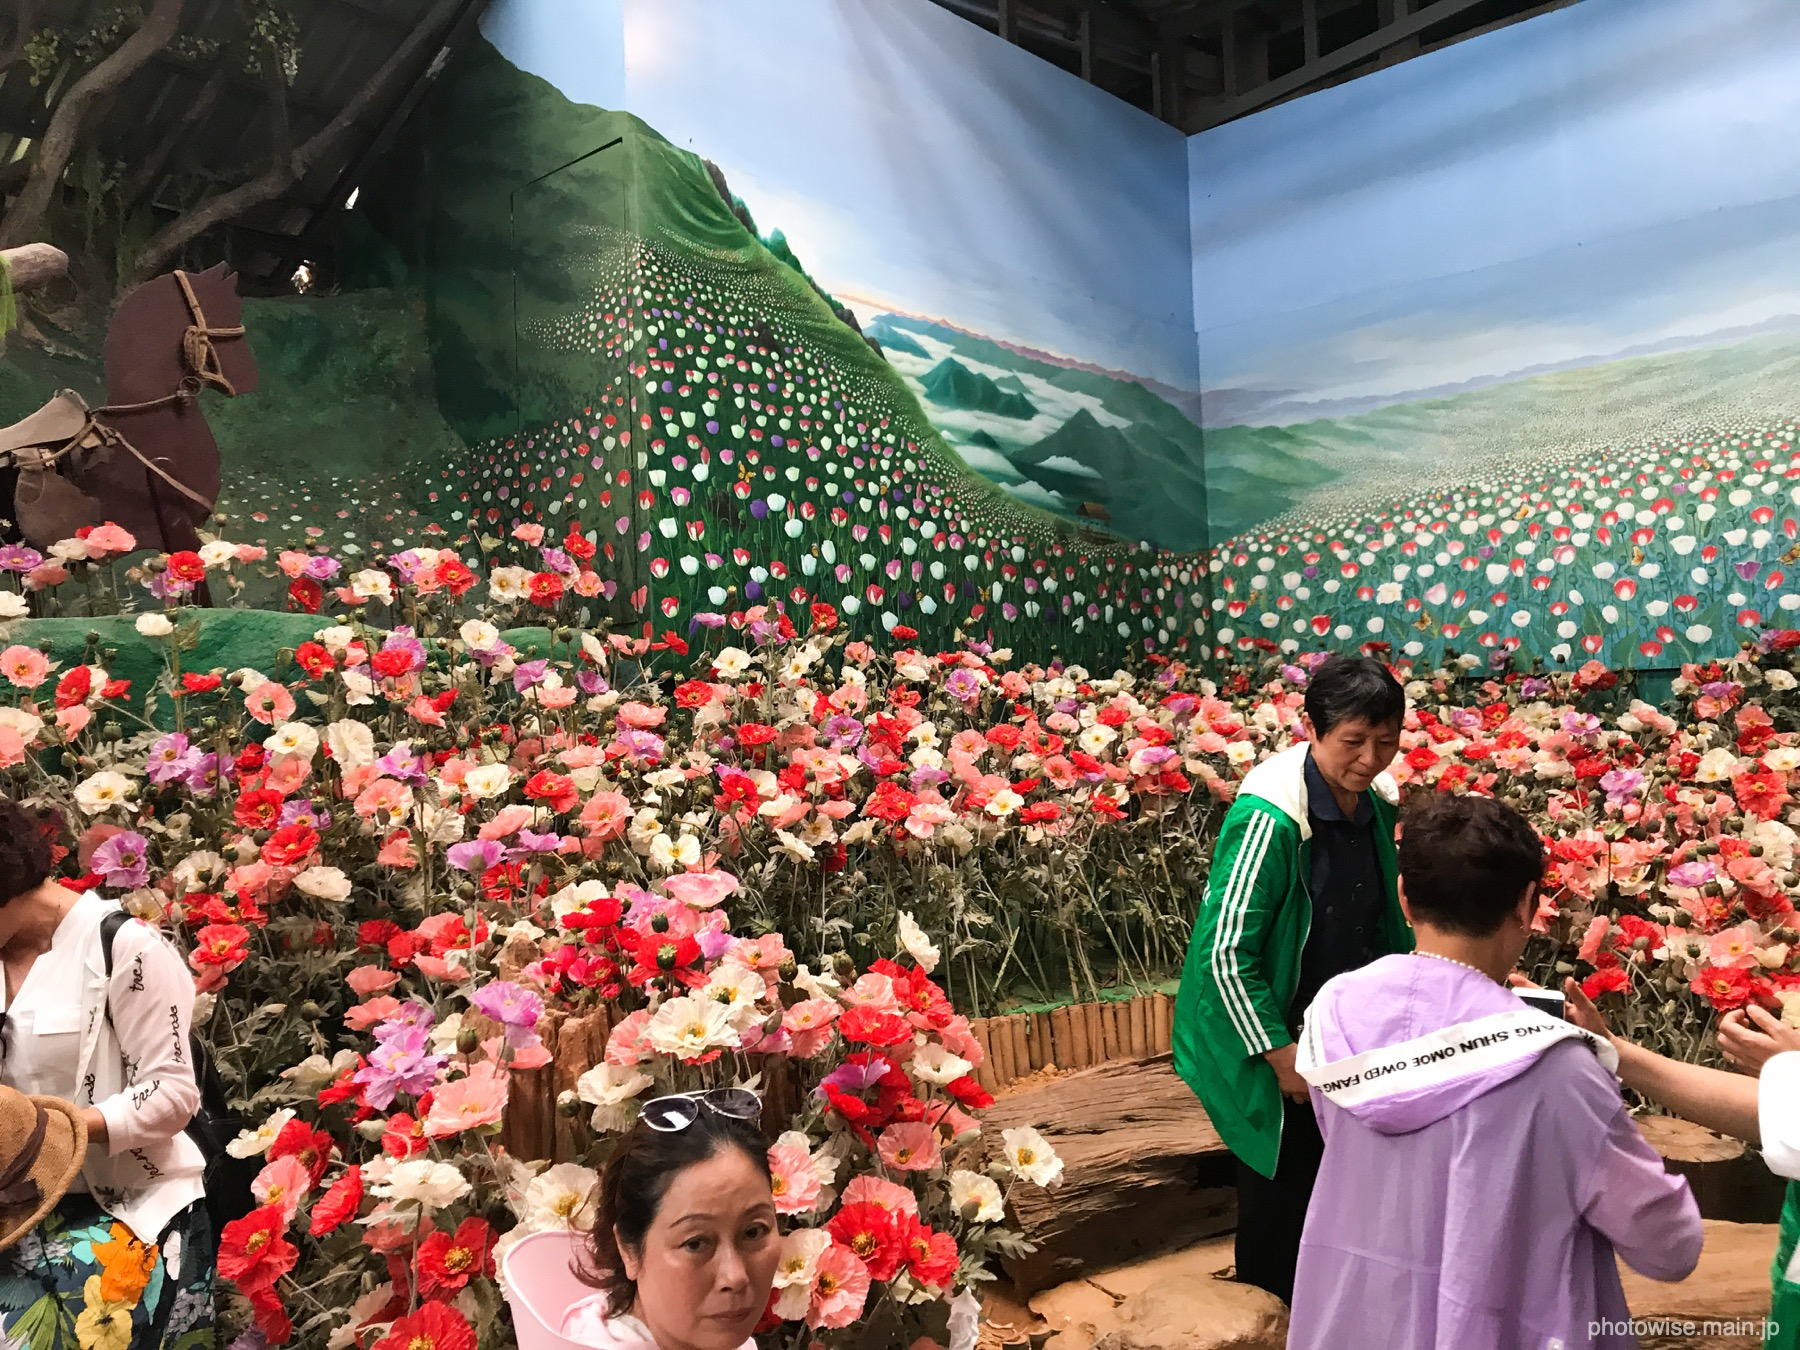 アヘンの花と撮影コーナー